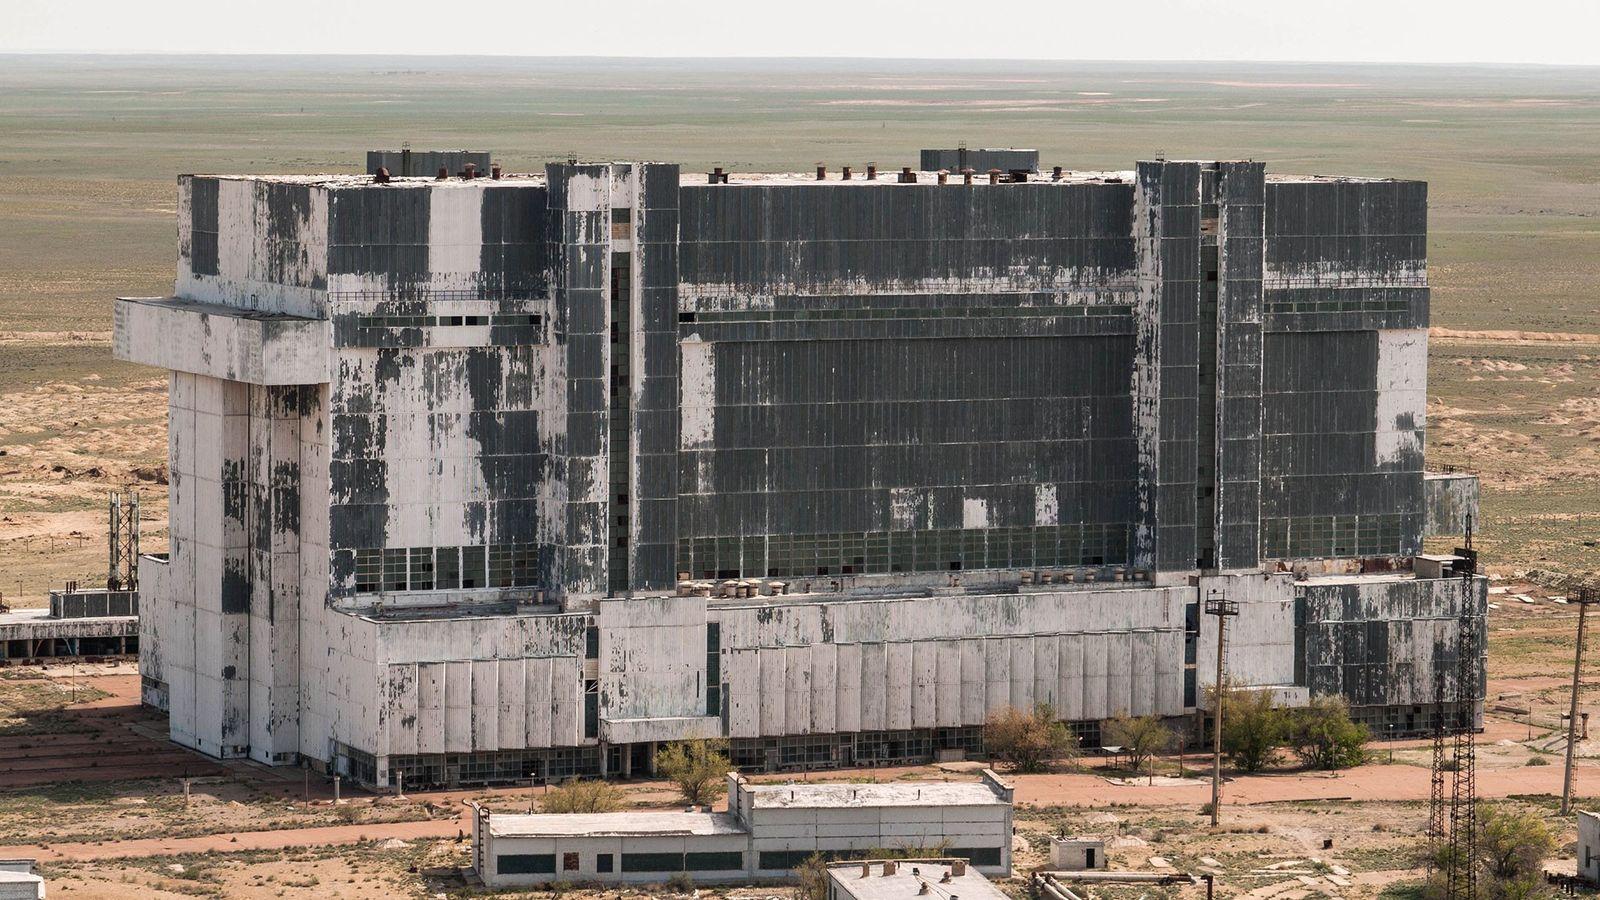 Com estruturas MKS feitas de aço especial, a nave aguentaria o choque de aumento de pressão ...